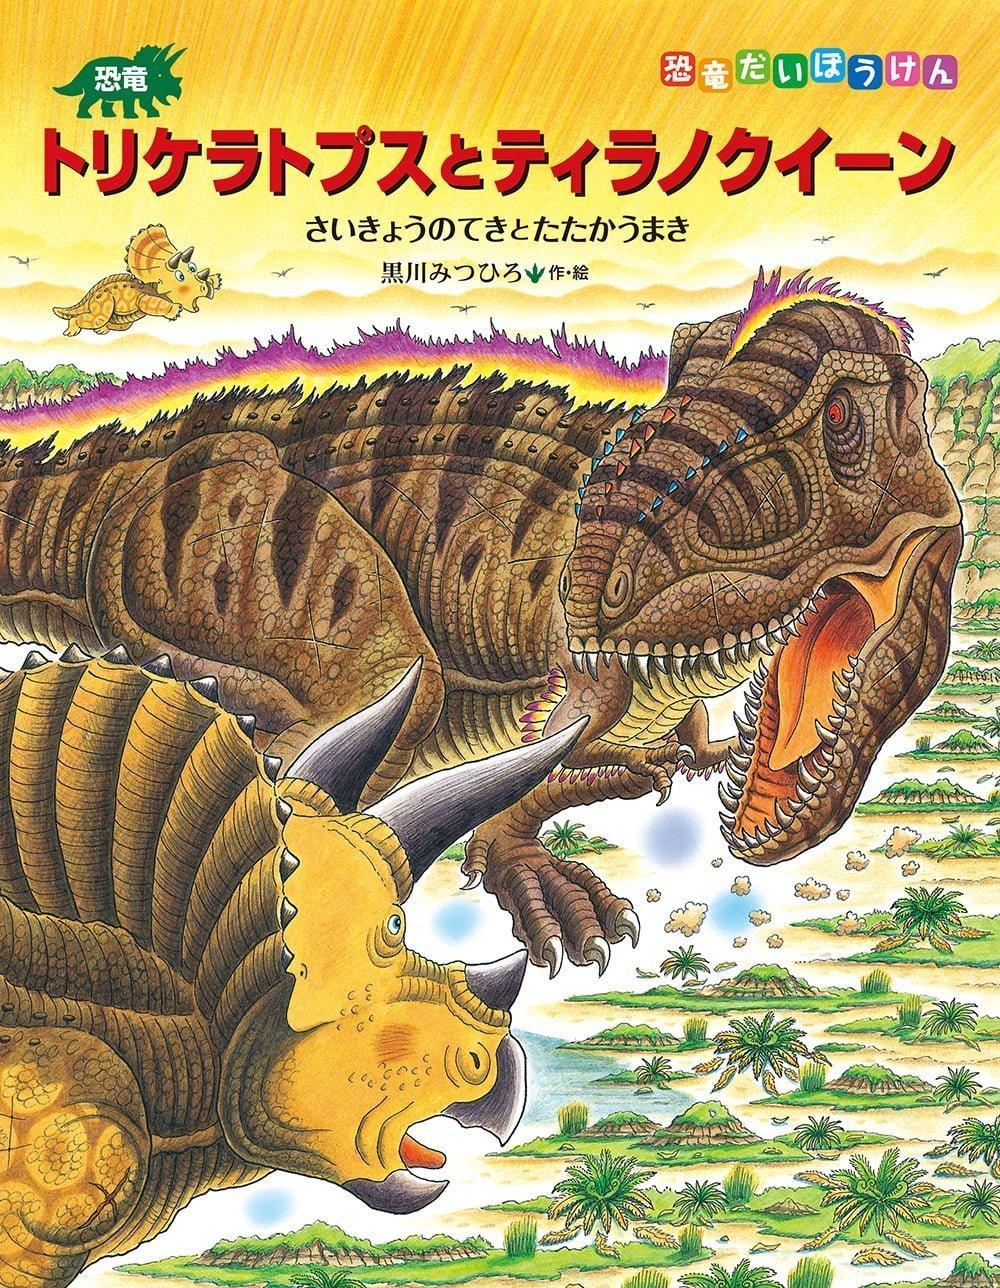 絵本「恐竜トリケラトプスとティラノクイーン」の表紙